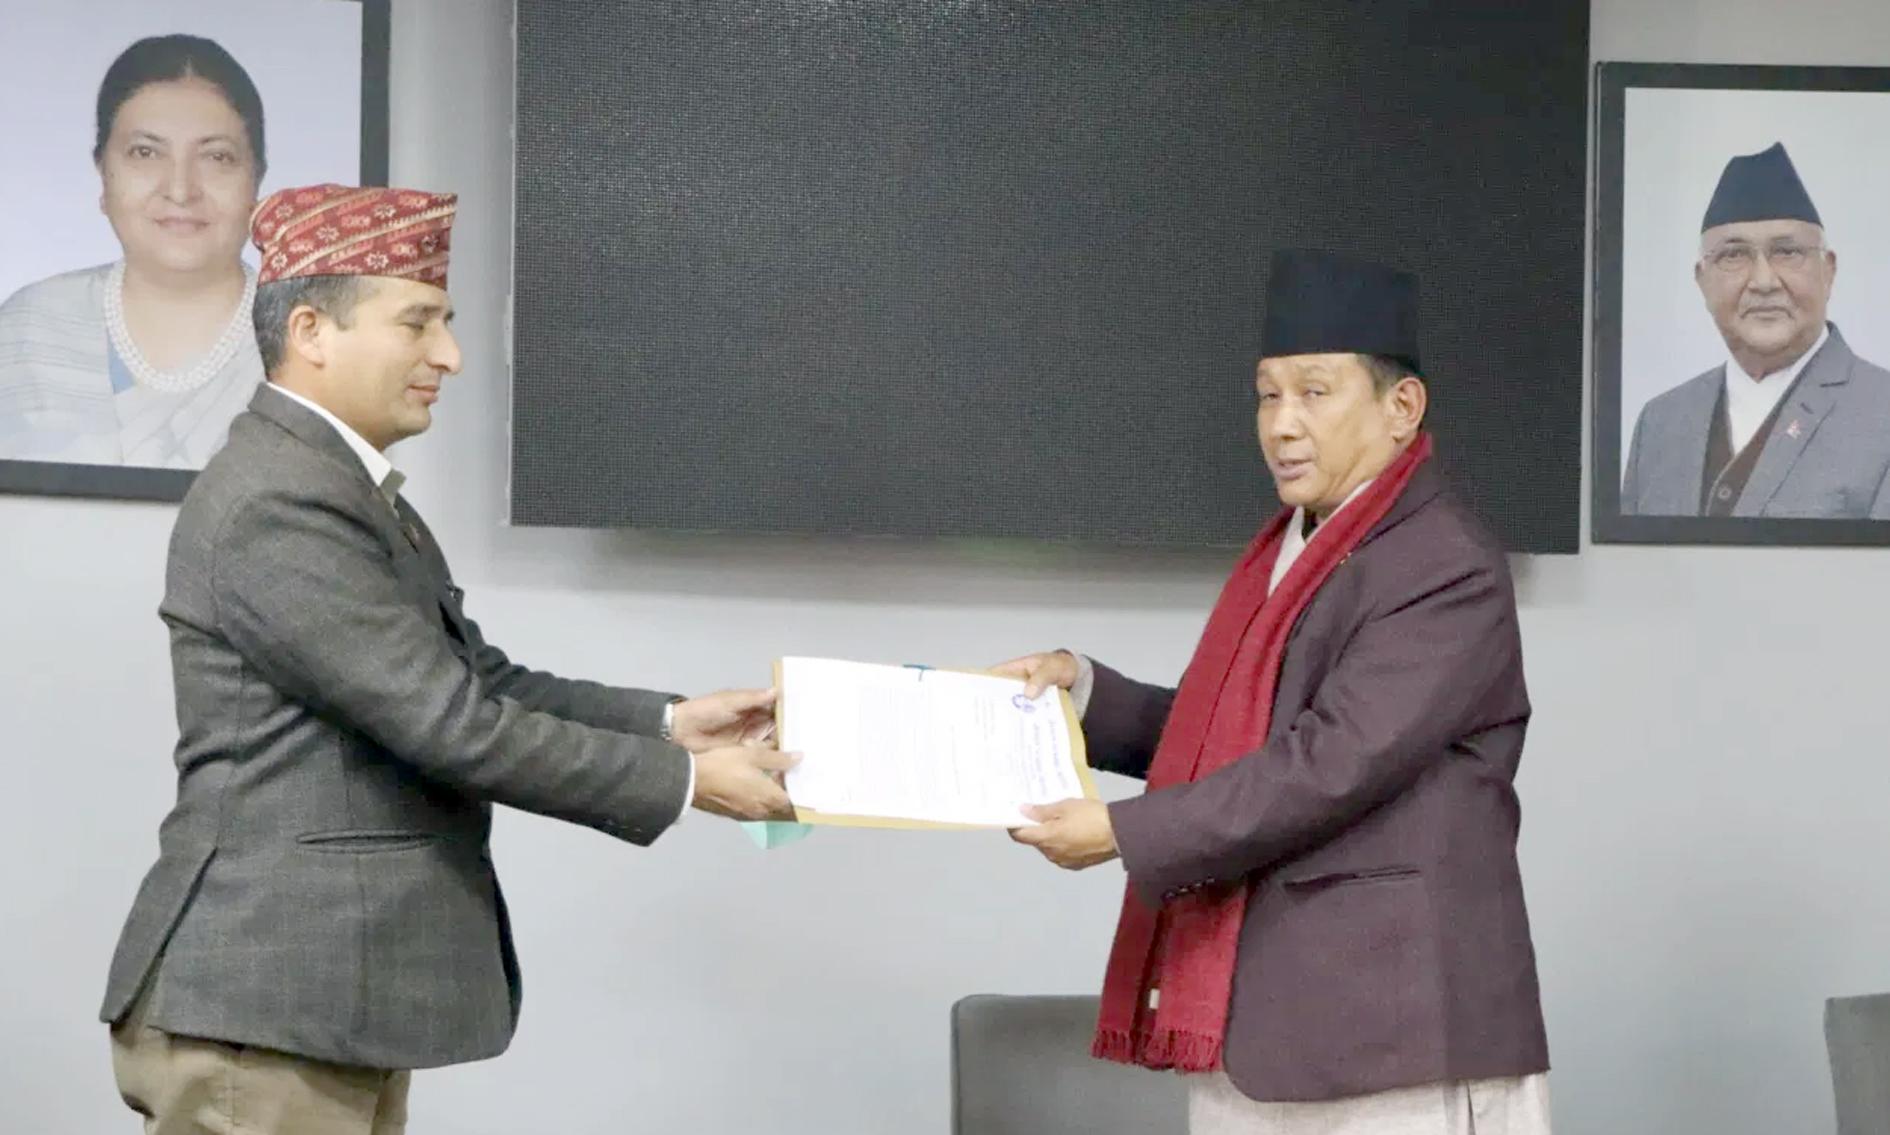 नेपाल पत्रकार महासंघ काठमाडौं जिल्ला शाखा अध्यक्ष शन्तराम बिडारीको नेतृत्वमा सूचना तथा प्रविधि मन्त्री पार्वत गुरुङलाई १५ बुँदे मागपत्र